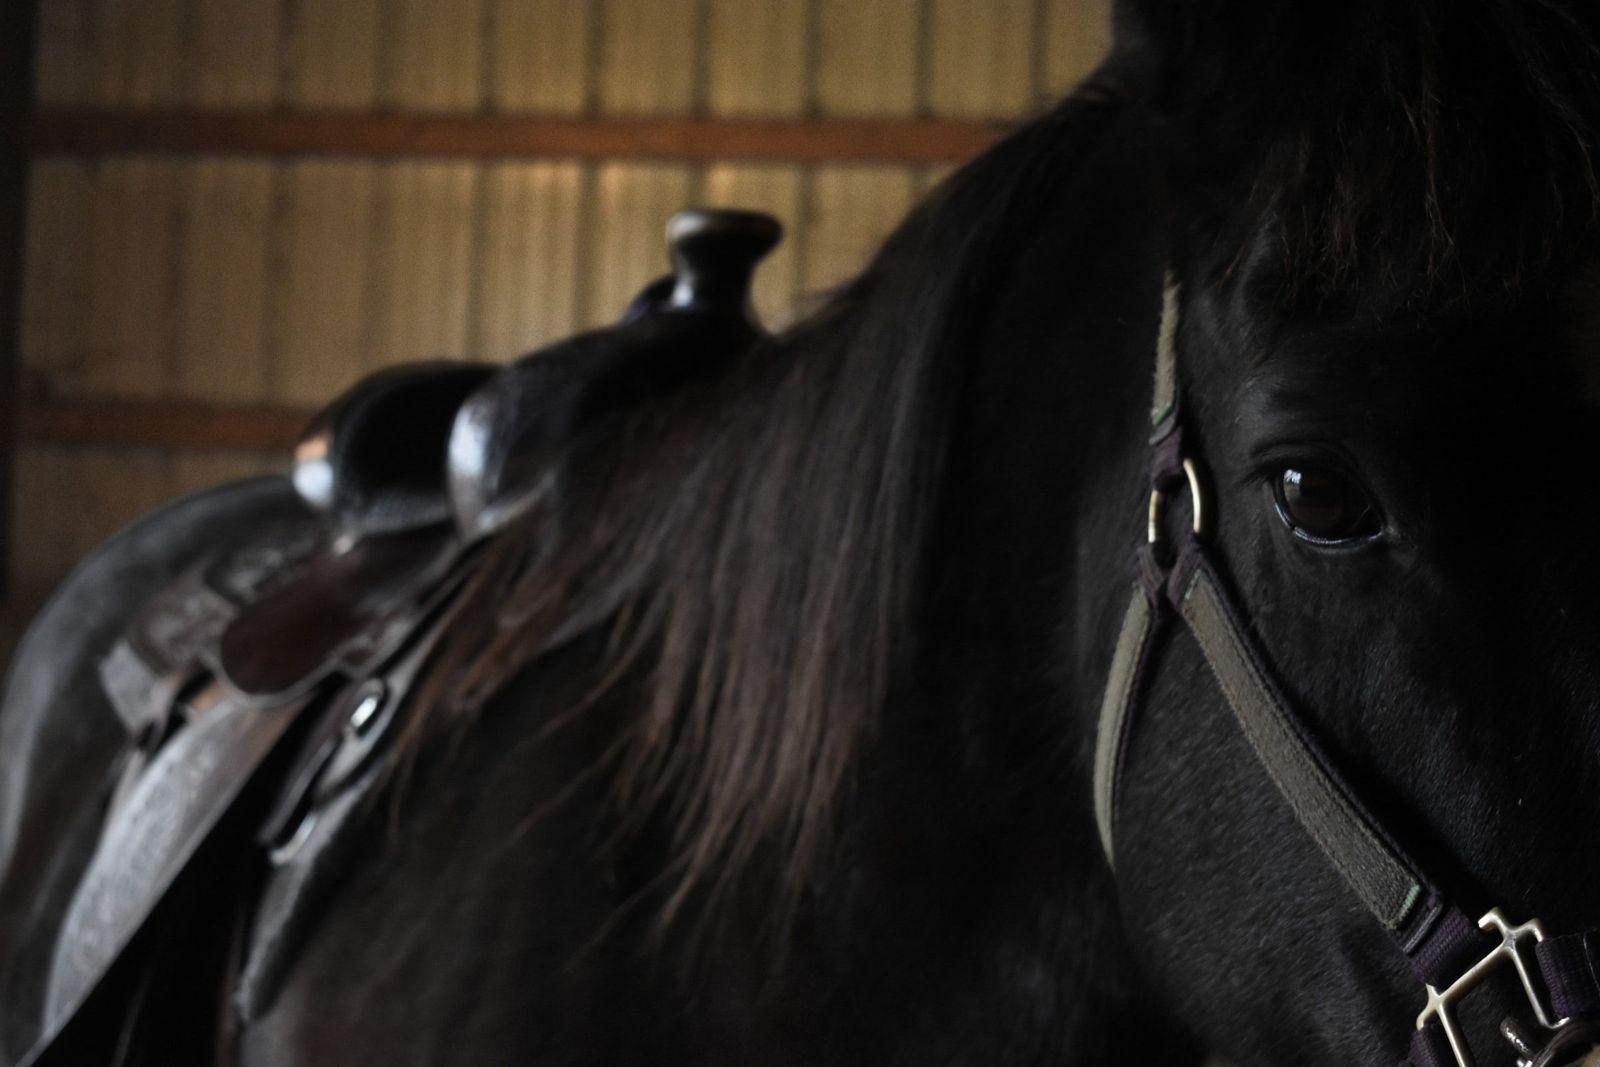 Girth gall in horses - Vetster